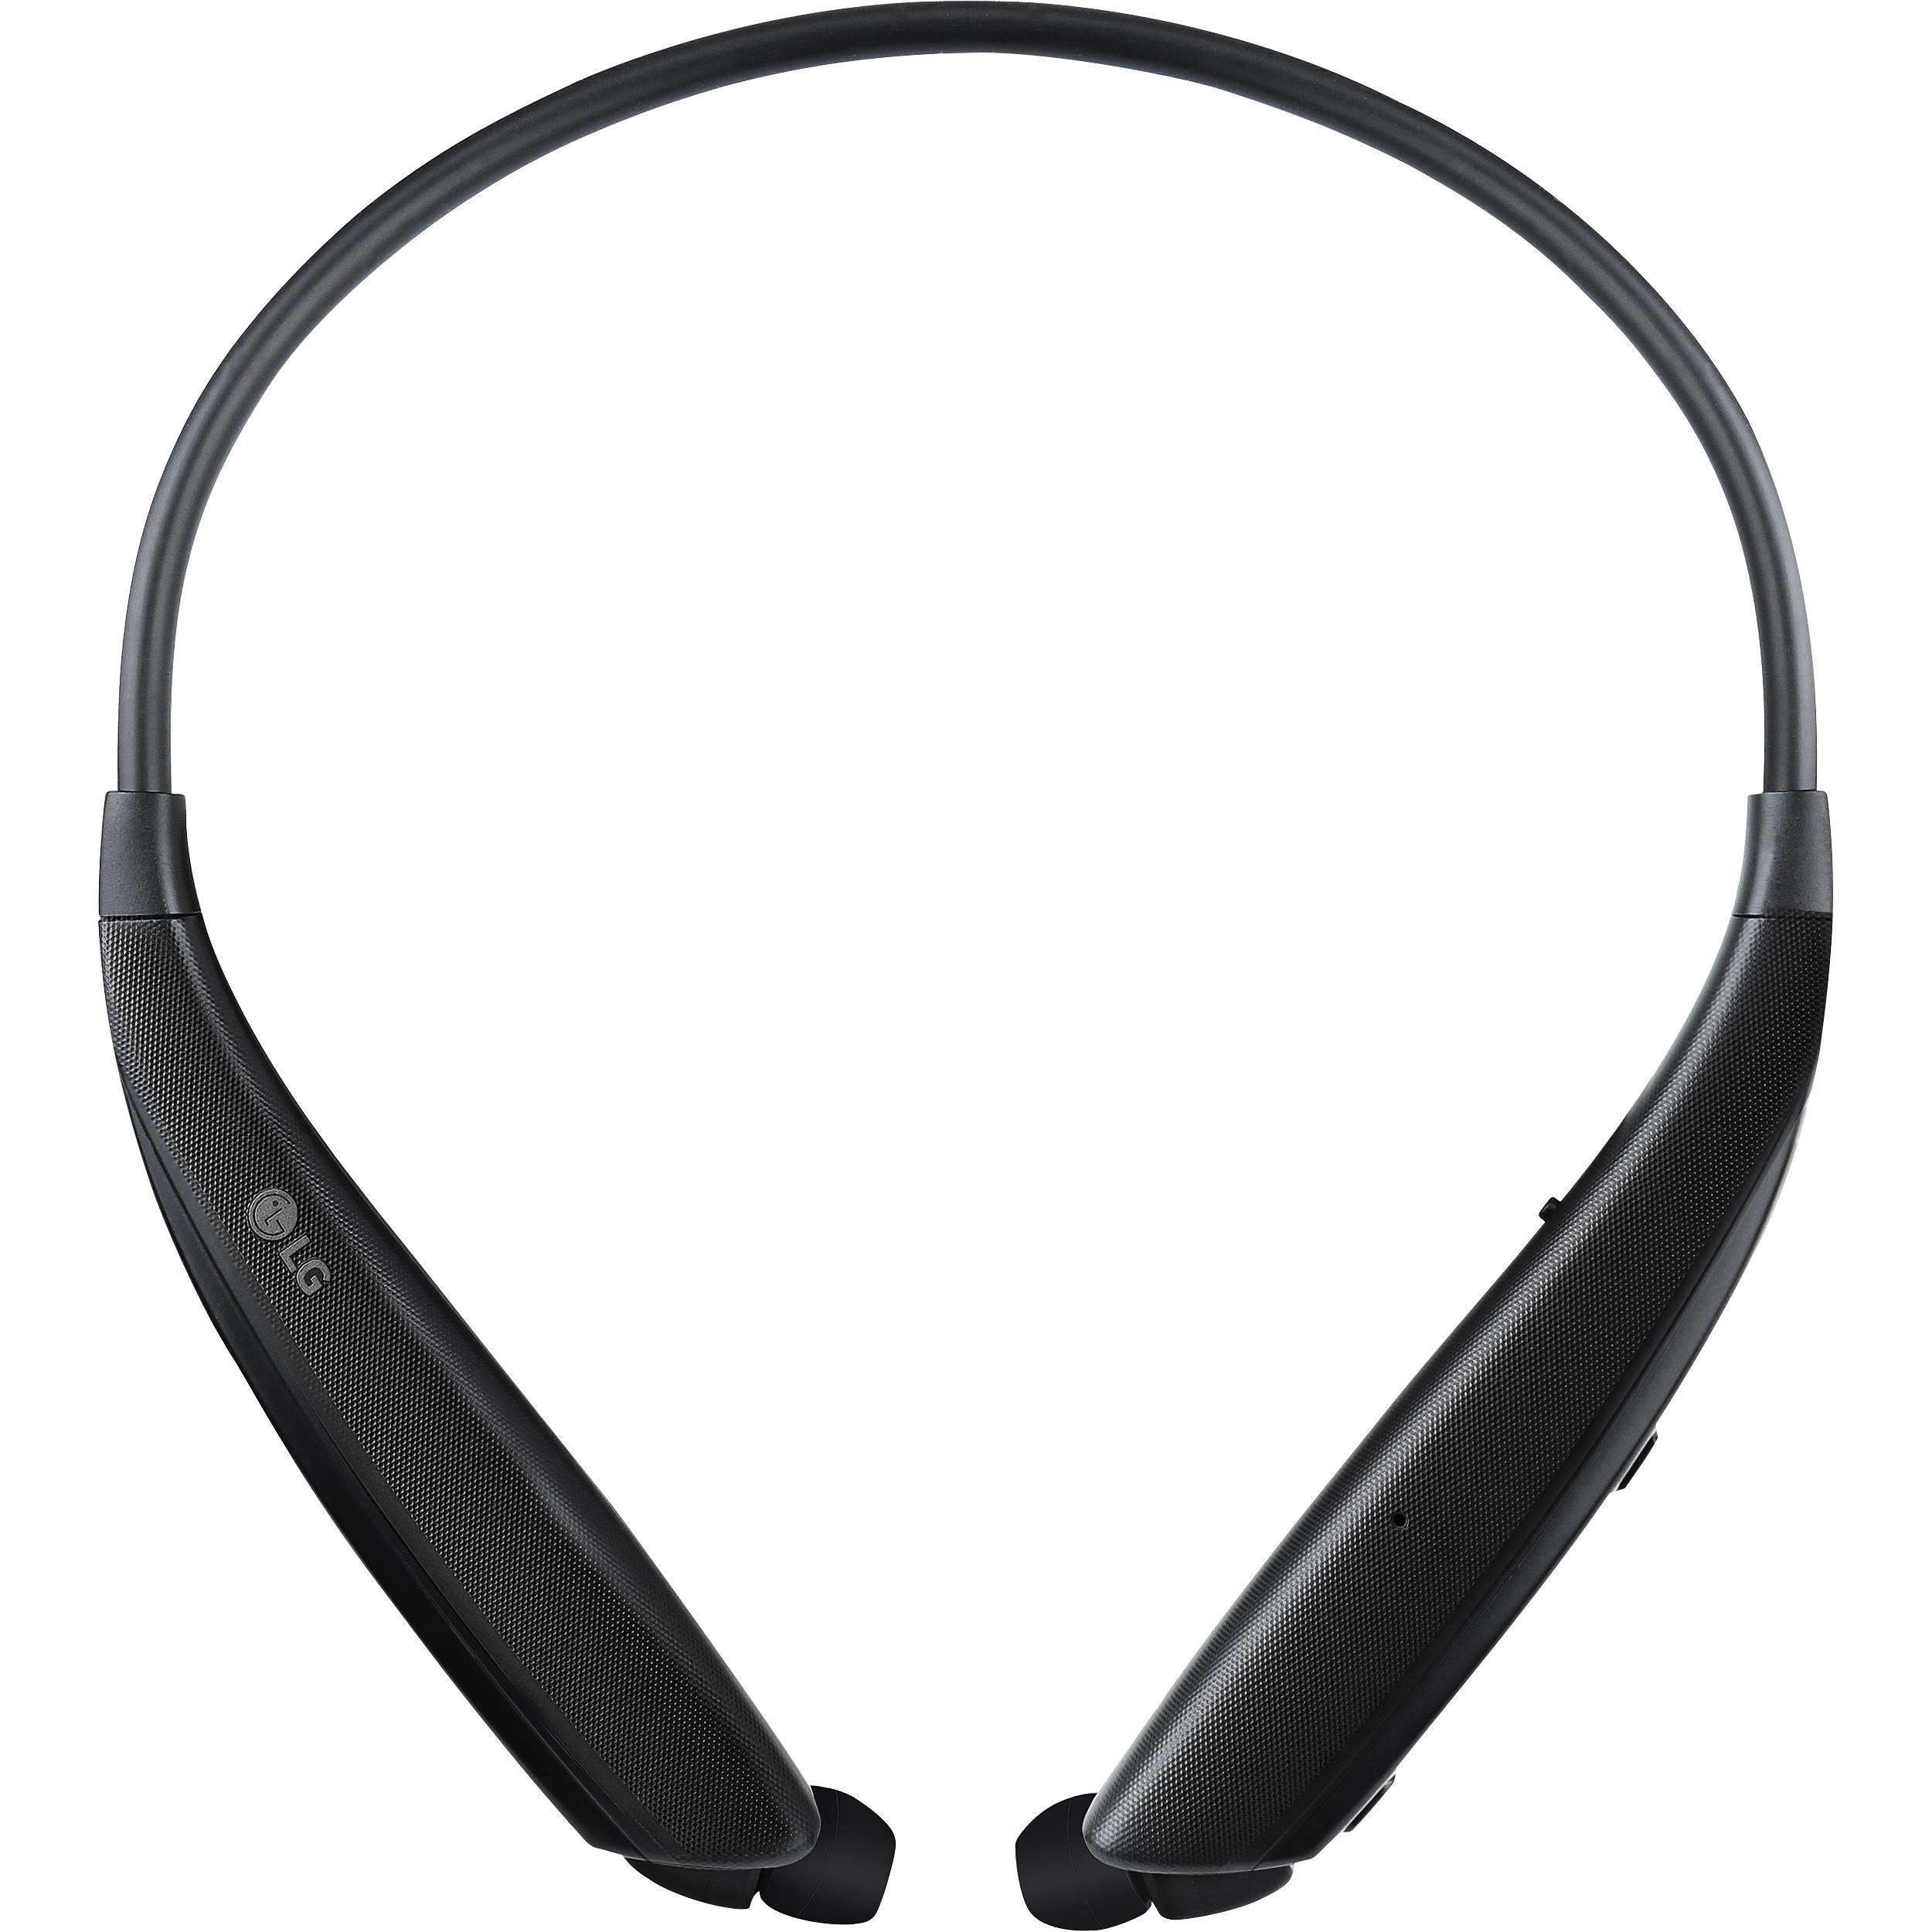 b6b2d155429 LG HBS-830 TONE Ultra Alpha Wireless In-Ear HBS-830.ACUSBKI B&H